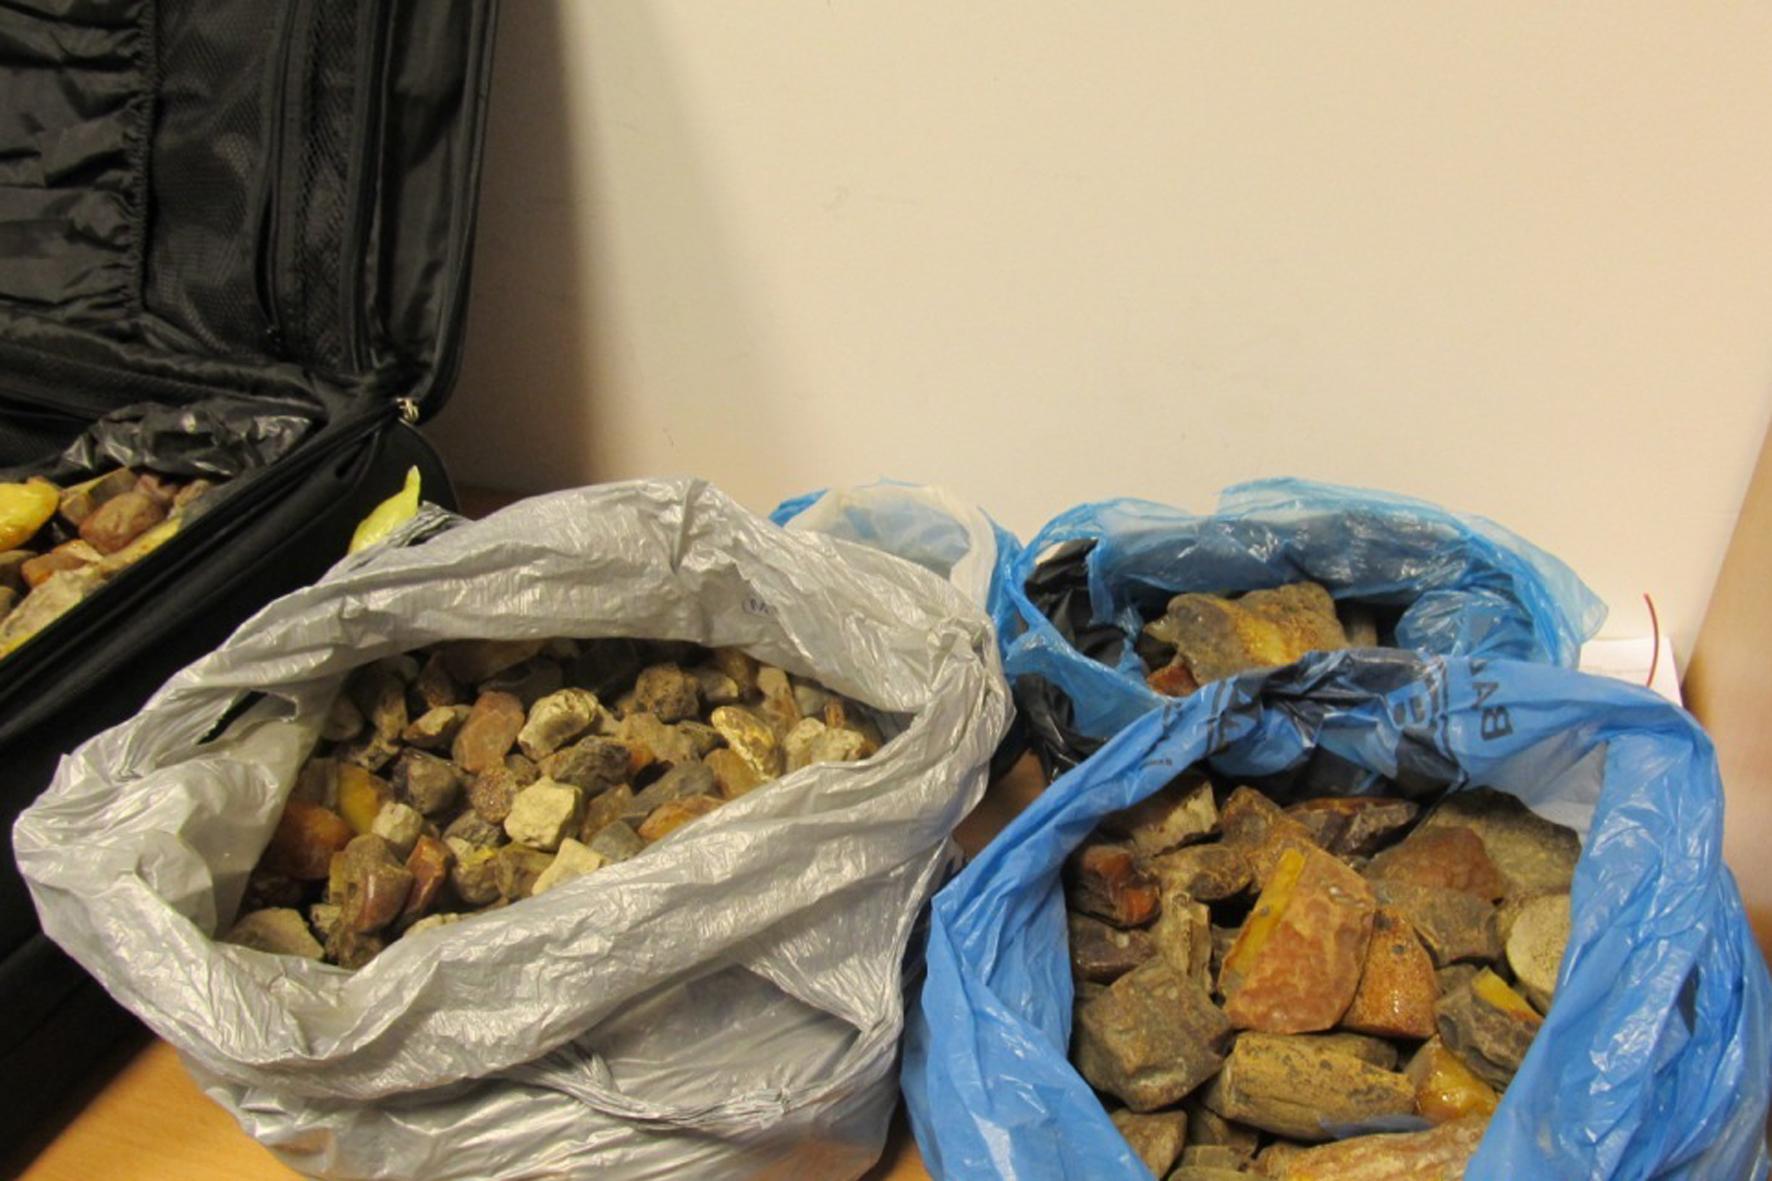 Працівники Львівської митниці ДФС затримали понад 70 кг бурштину